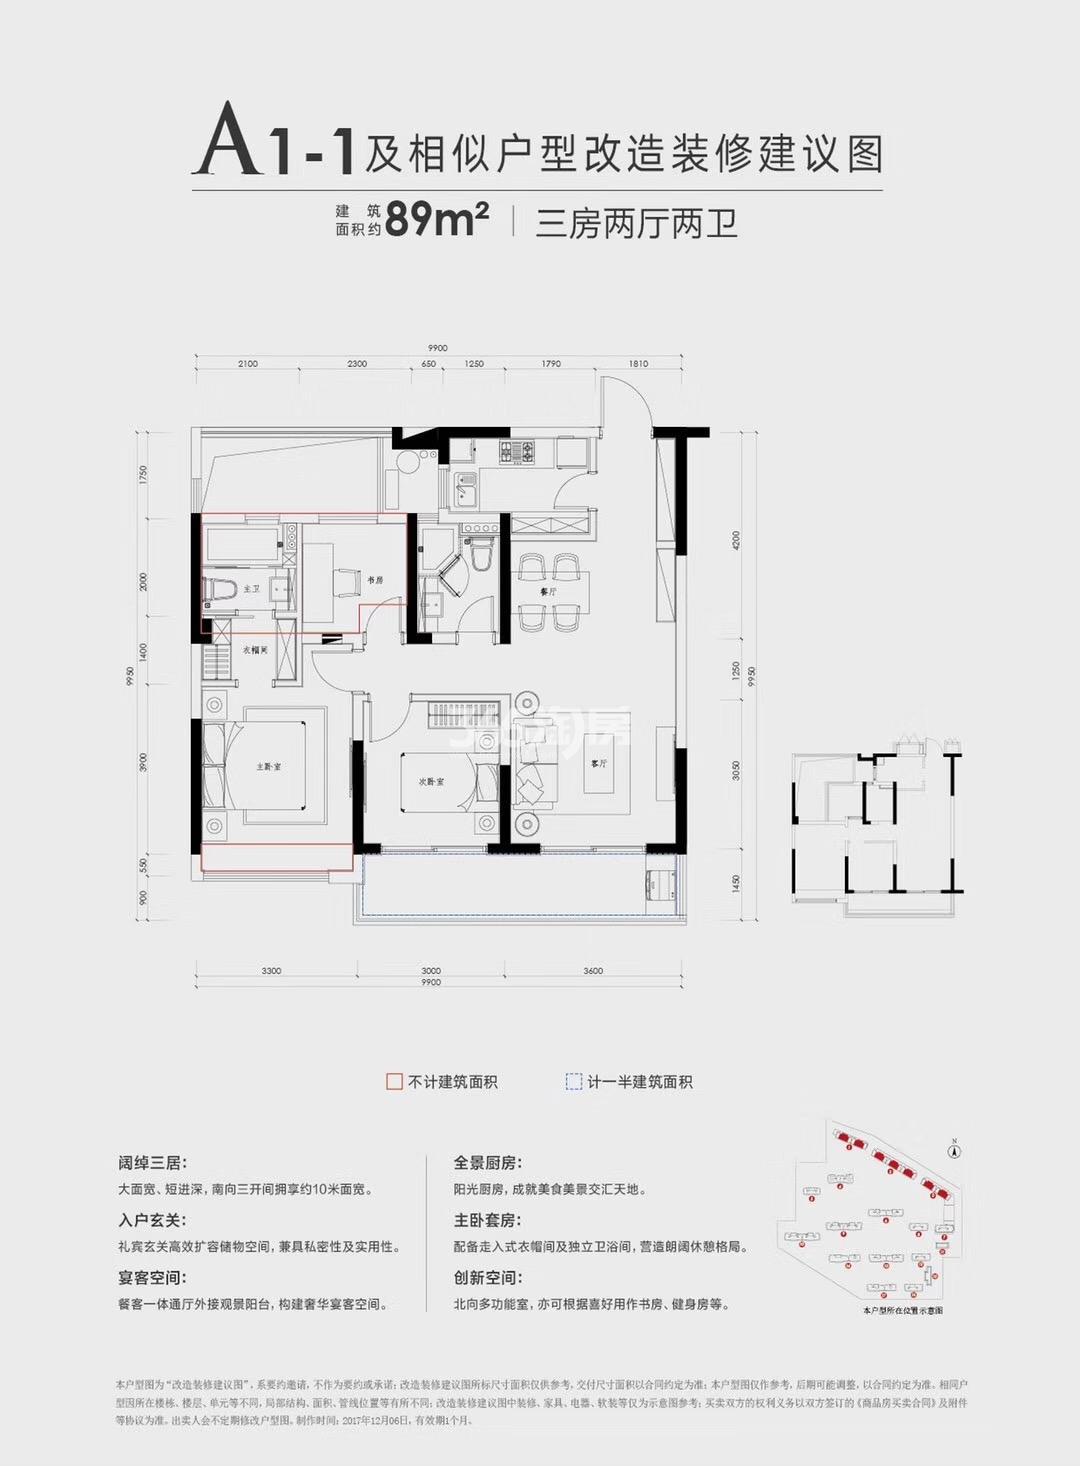 融创金成江南府1-3号楼A1-1户型89方